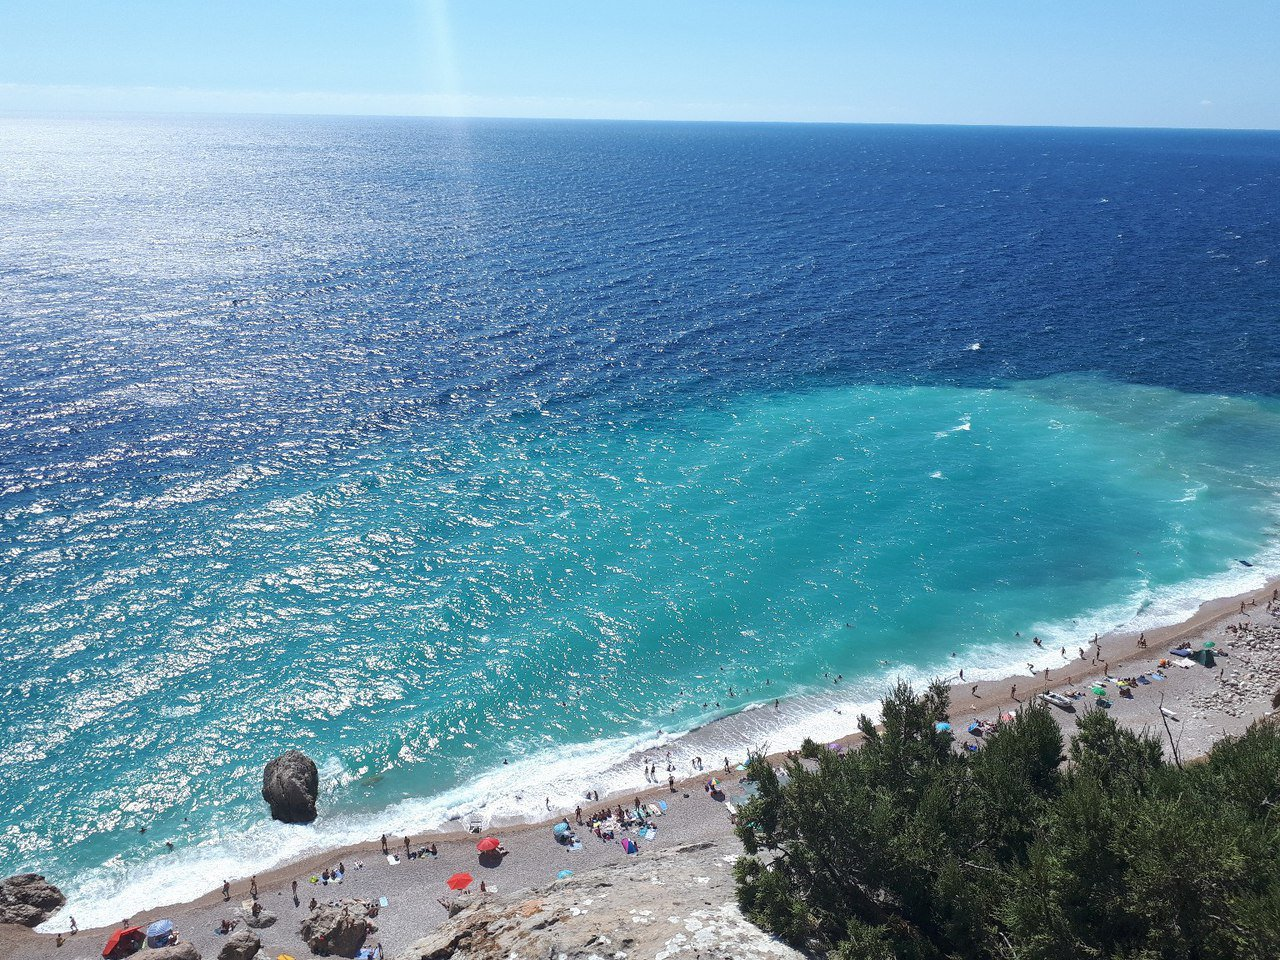 картинки моря и пляжа крым сметану